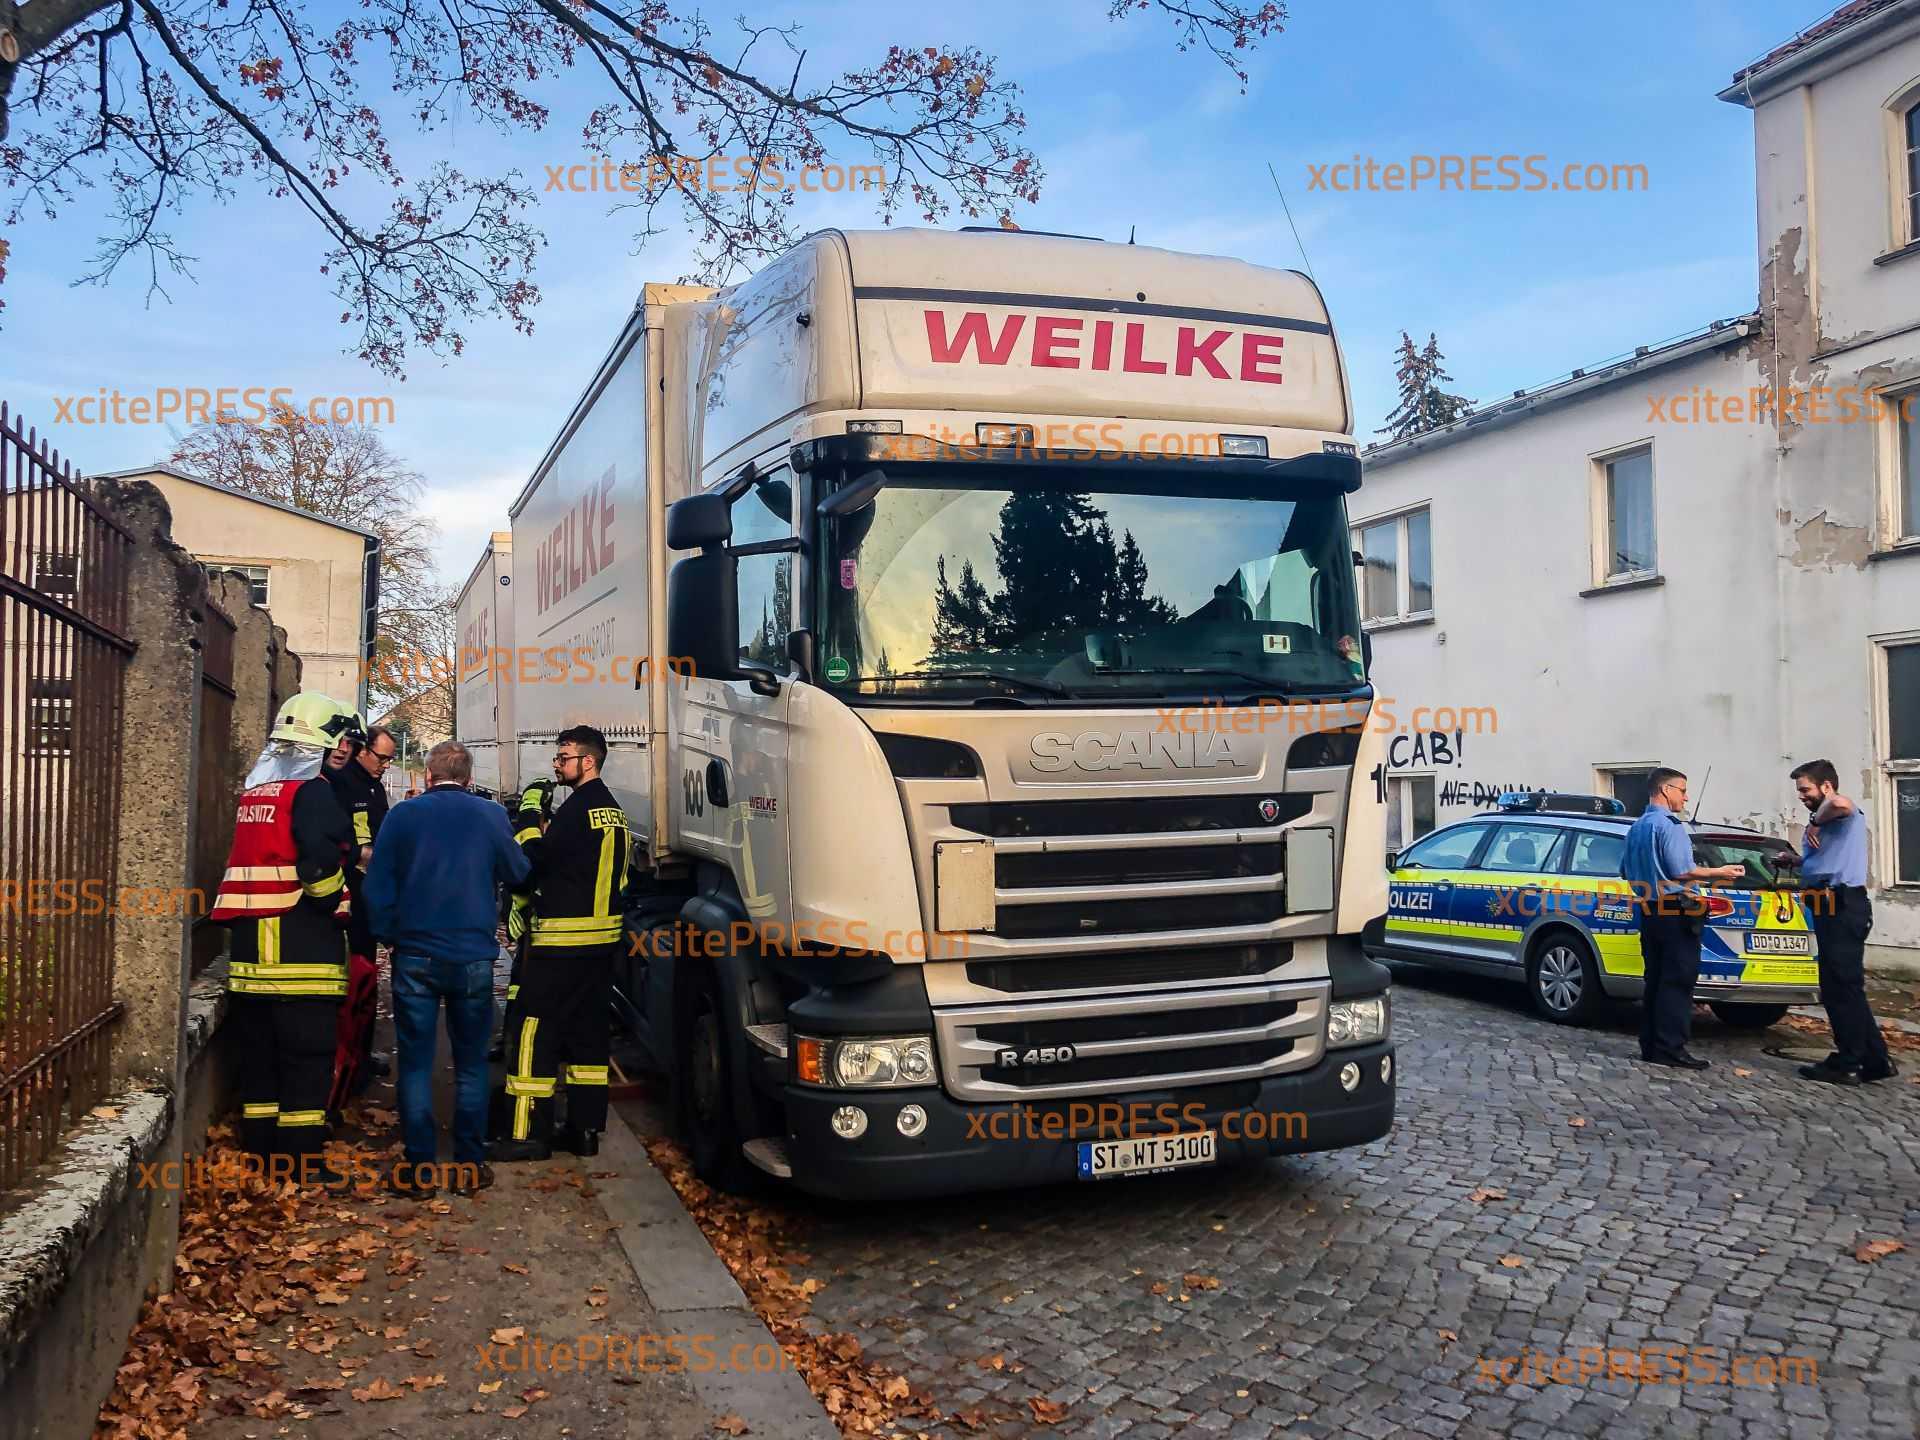 Mitten am Tag: Dreiste Diesel-Diebe zapfen  LKW-Tank leer: Feuerwehr muss anrücken, weil jede Menge daneben geht